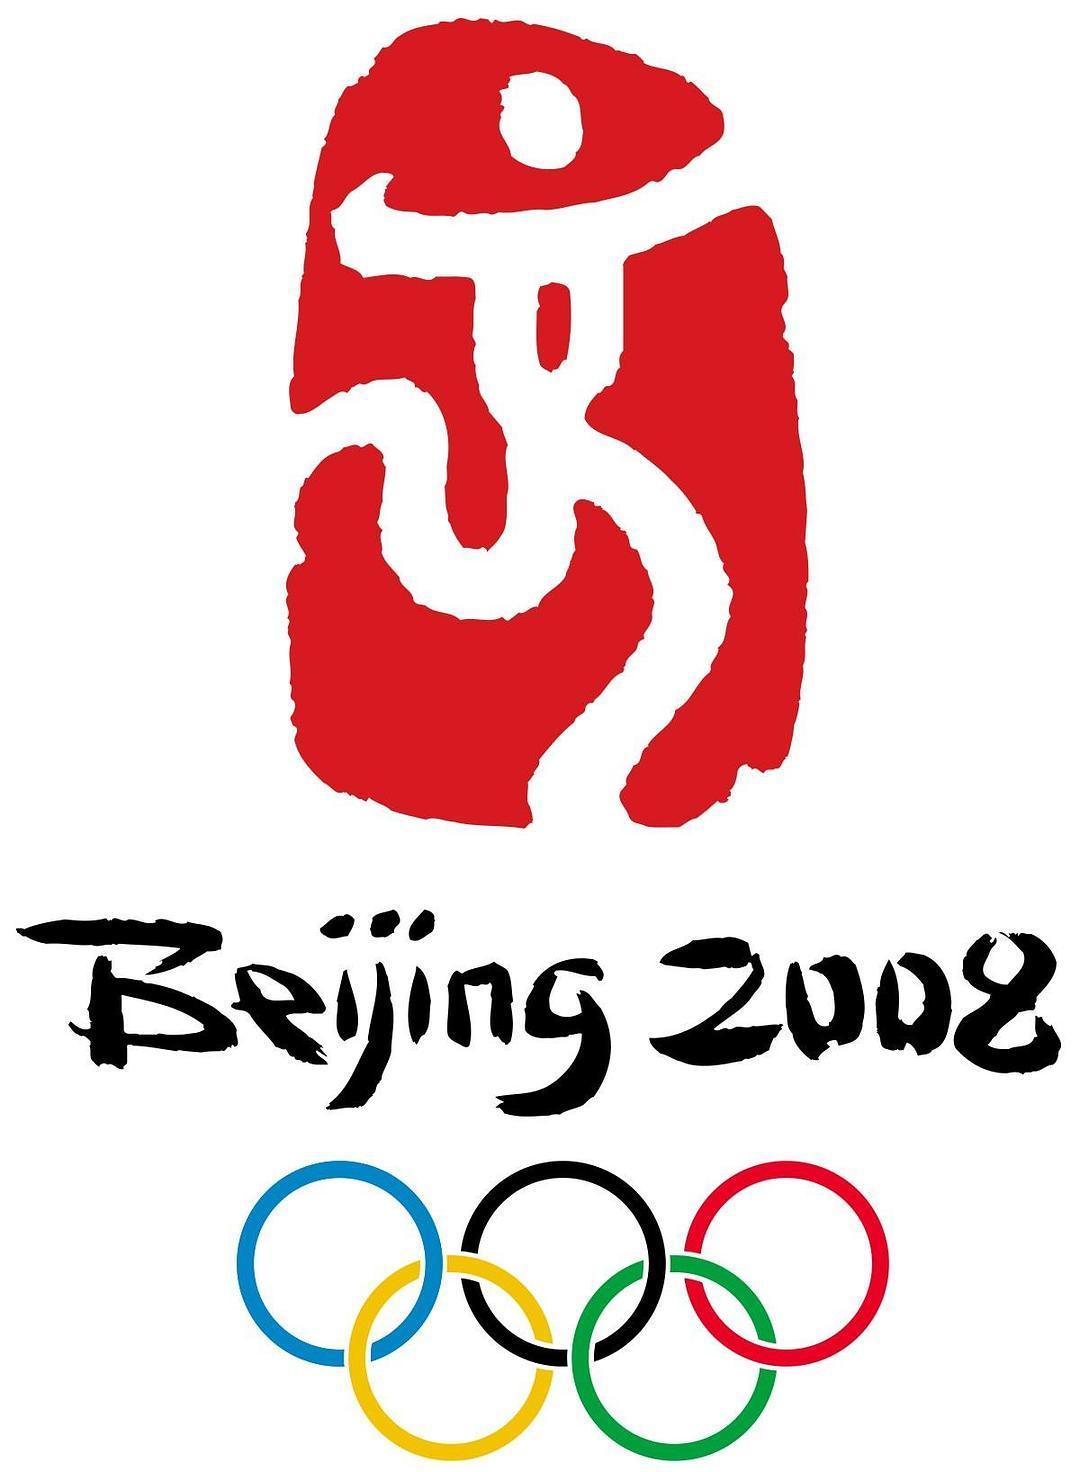 北京2008奥运会、残奥会开闭幕式主题歌曲专辑 迅雷云盘下载